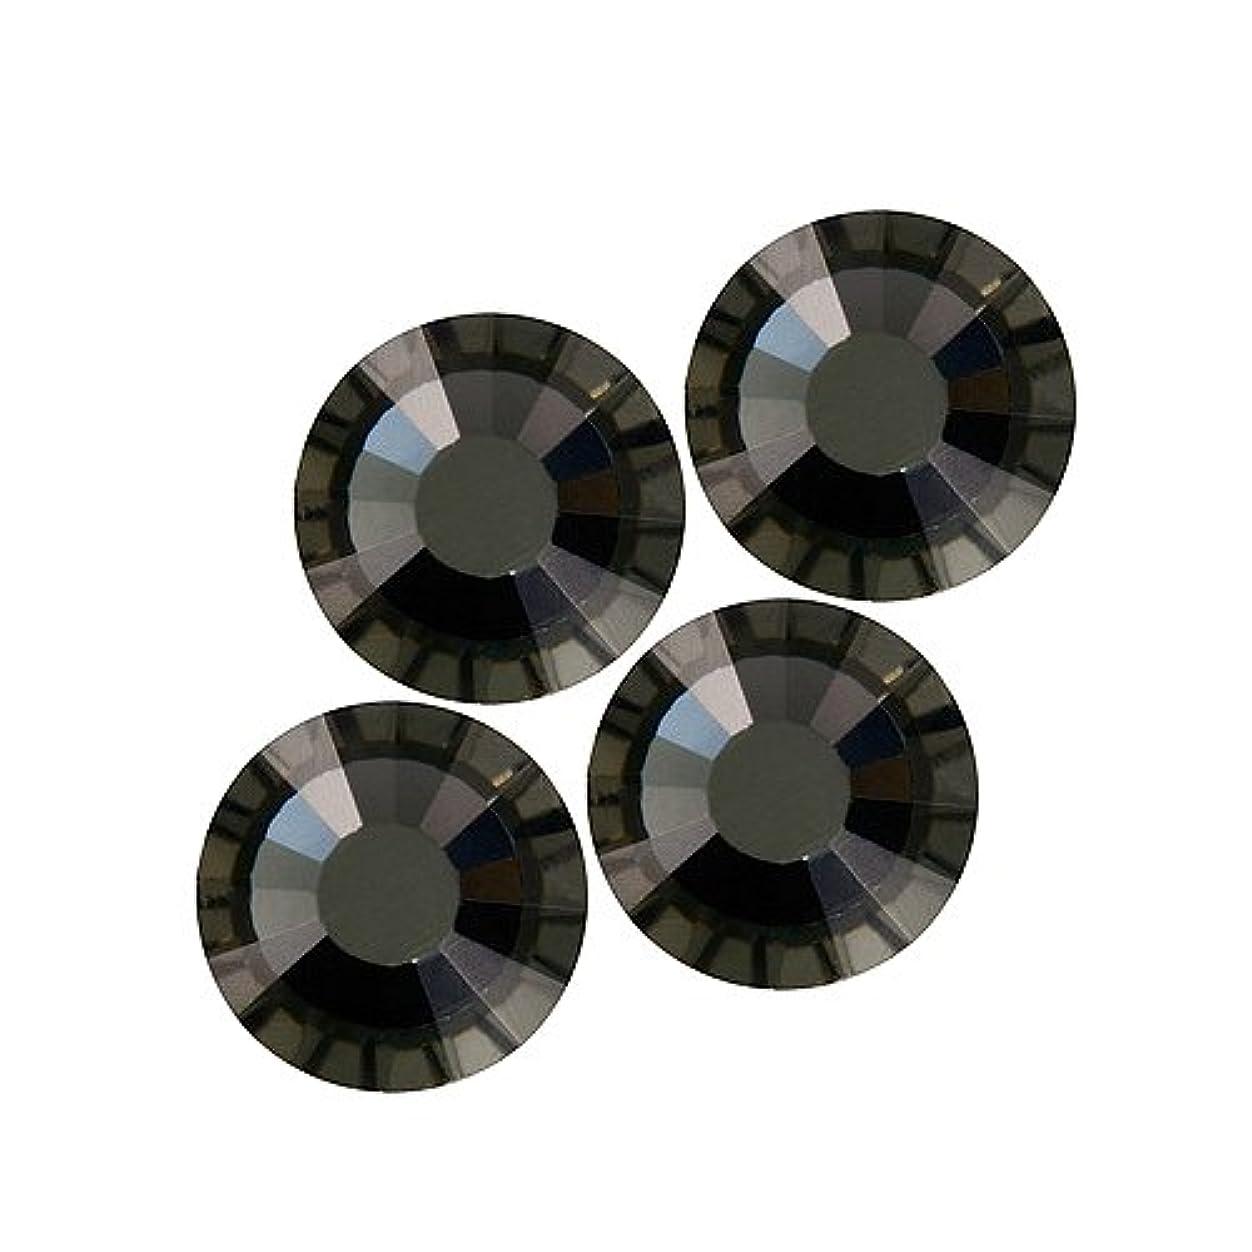 緊張する代わってマウスピースバイナル DIAMOND RHINESTONE ブラックダイアモンド SS10 720粒 ST-SS10-BKD-5G